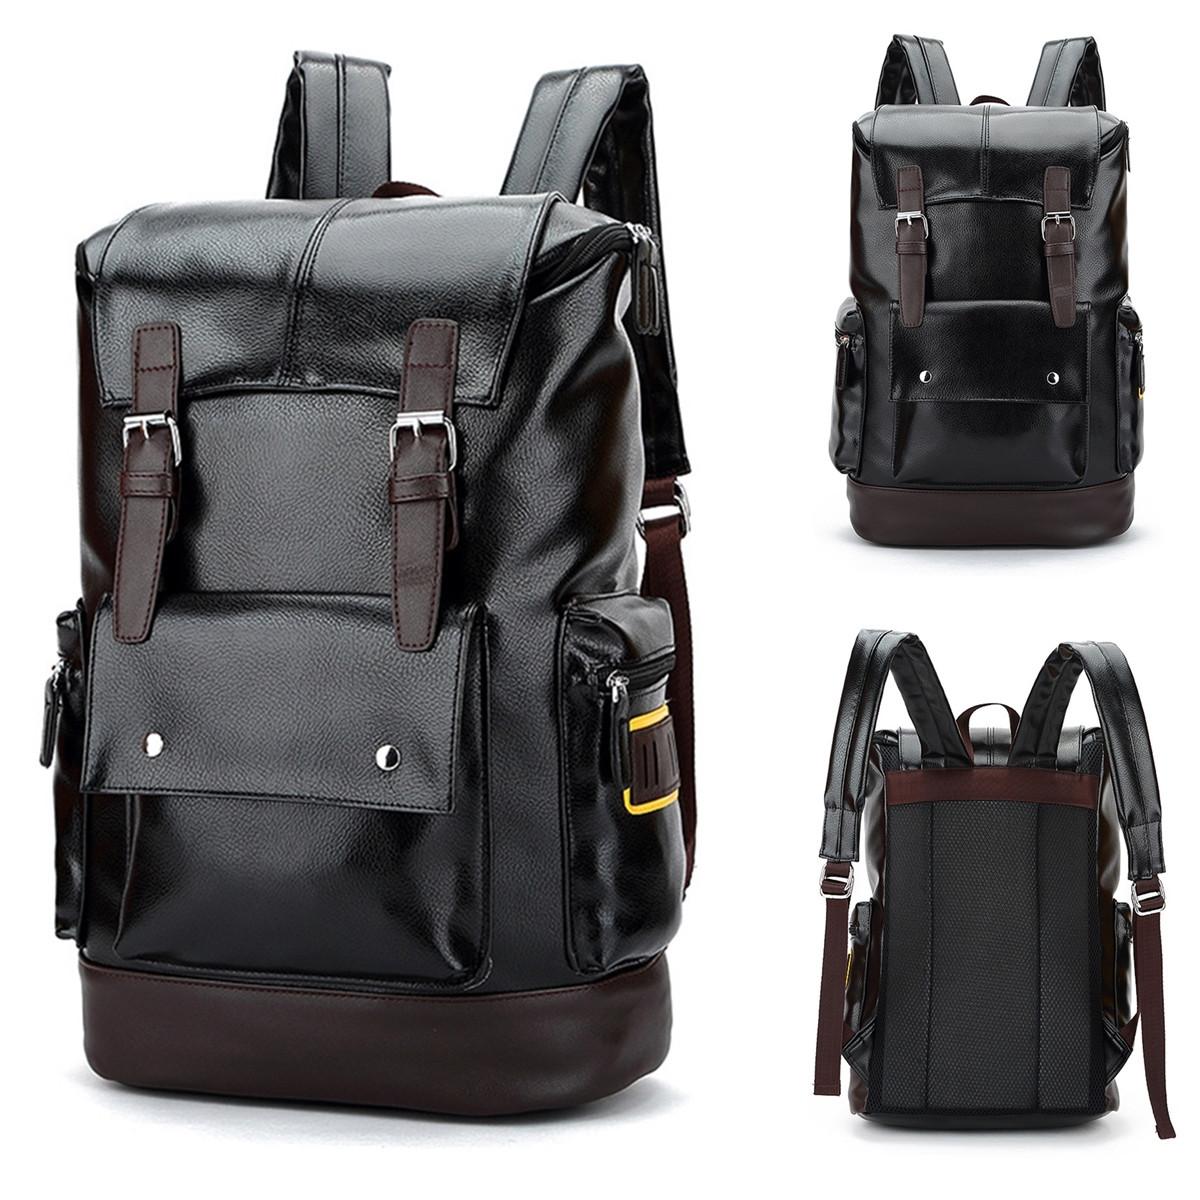 490babf52fc6 Мужчины Рюкзак для ноутбука Путешествие Сумка Студент Сумка Бизнес Сумка  1TopShop - ➊TopShop ➠ Товары с